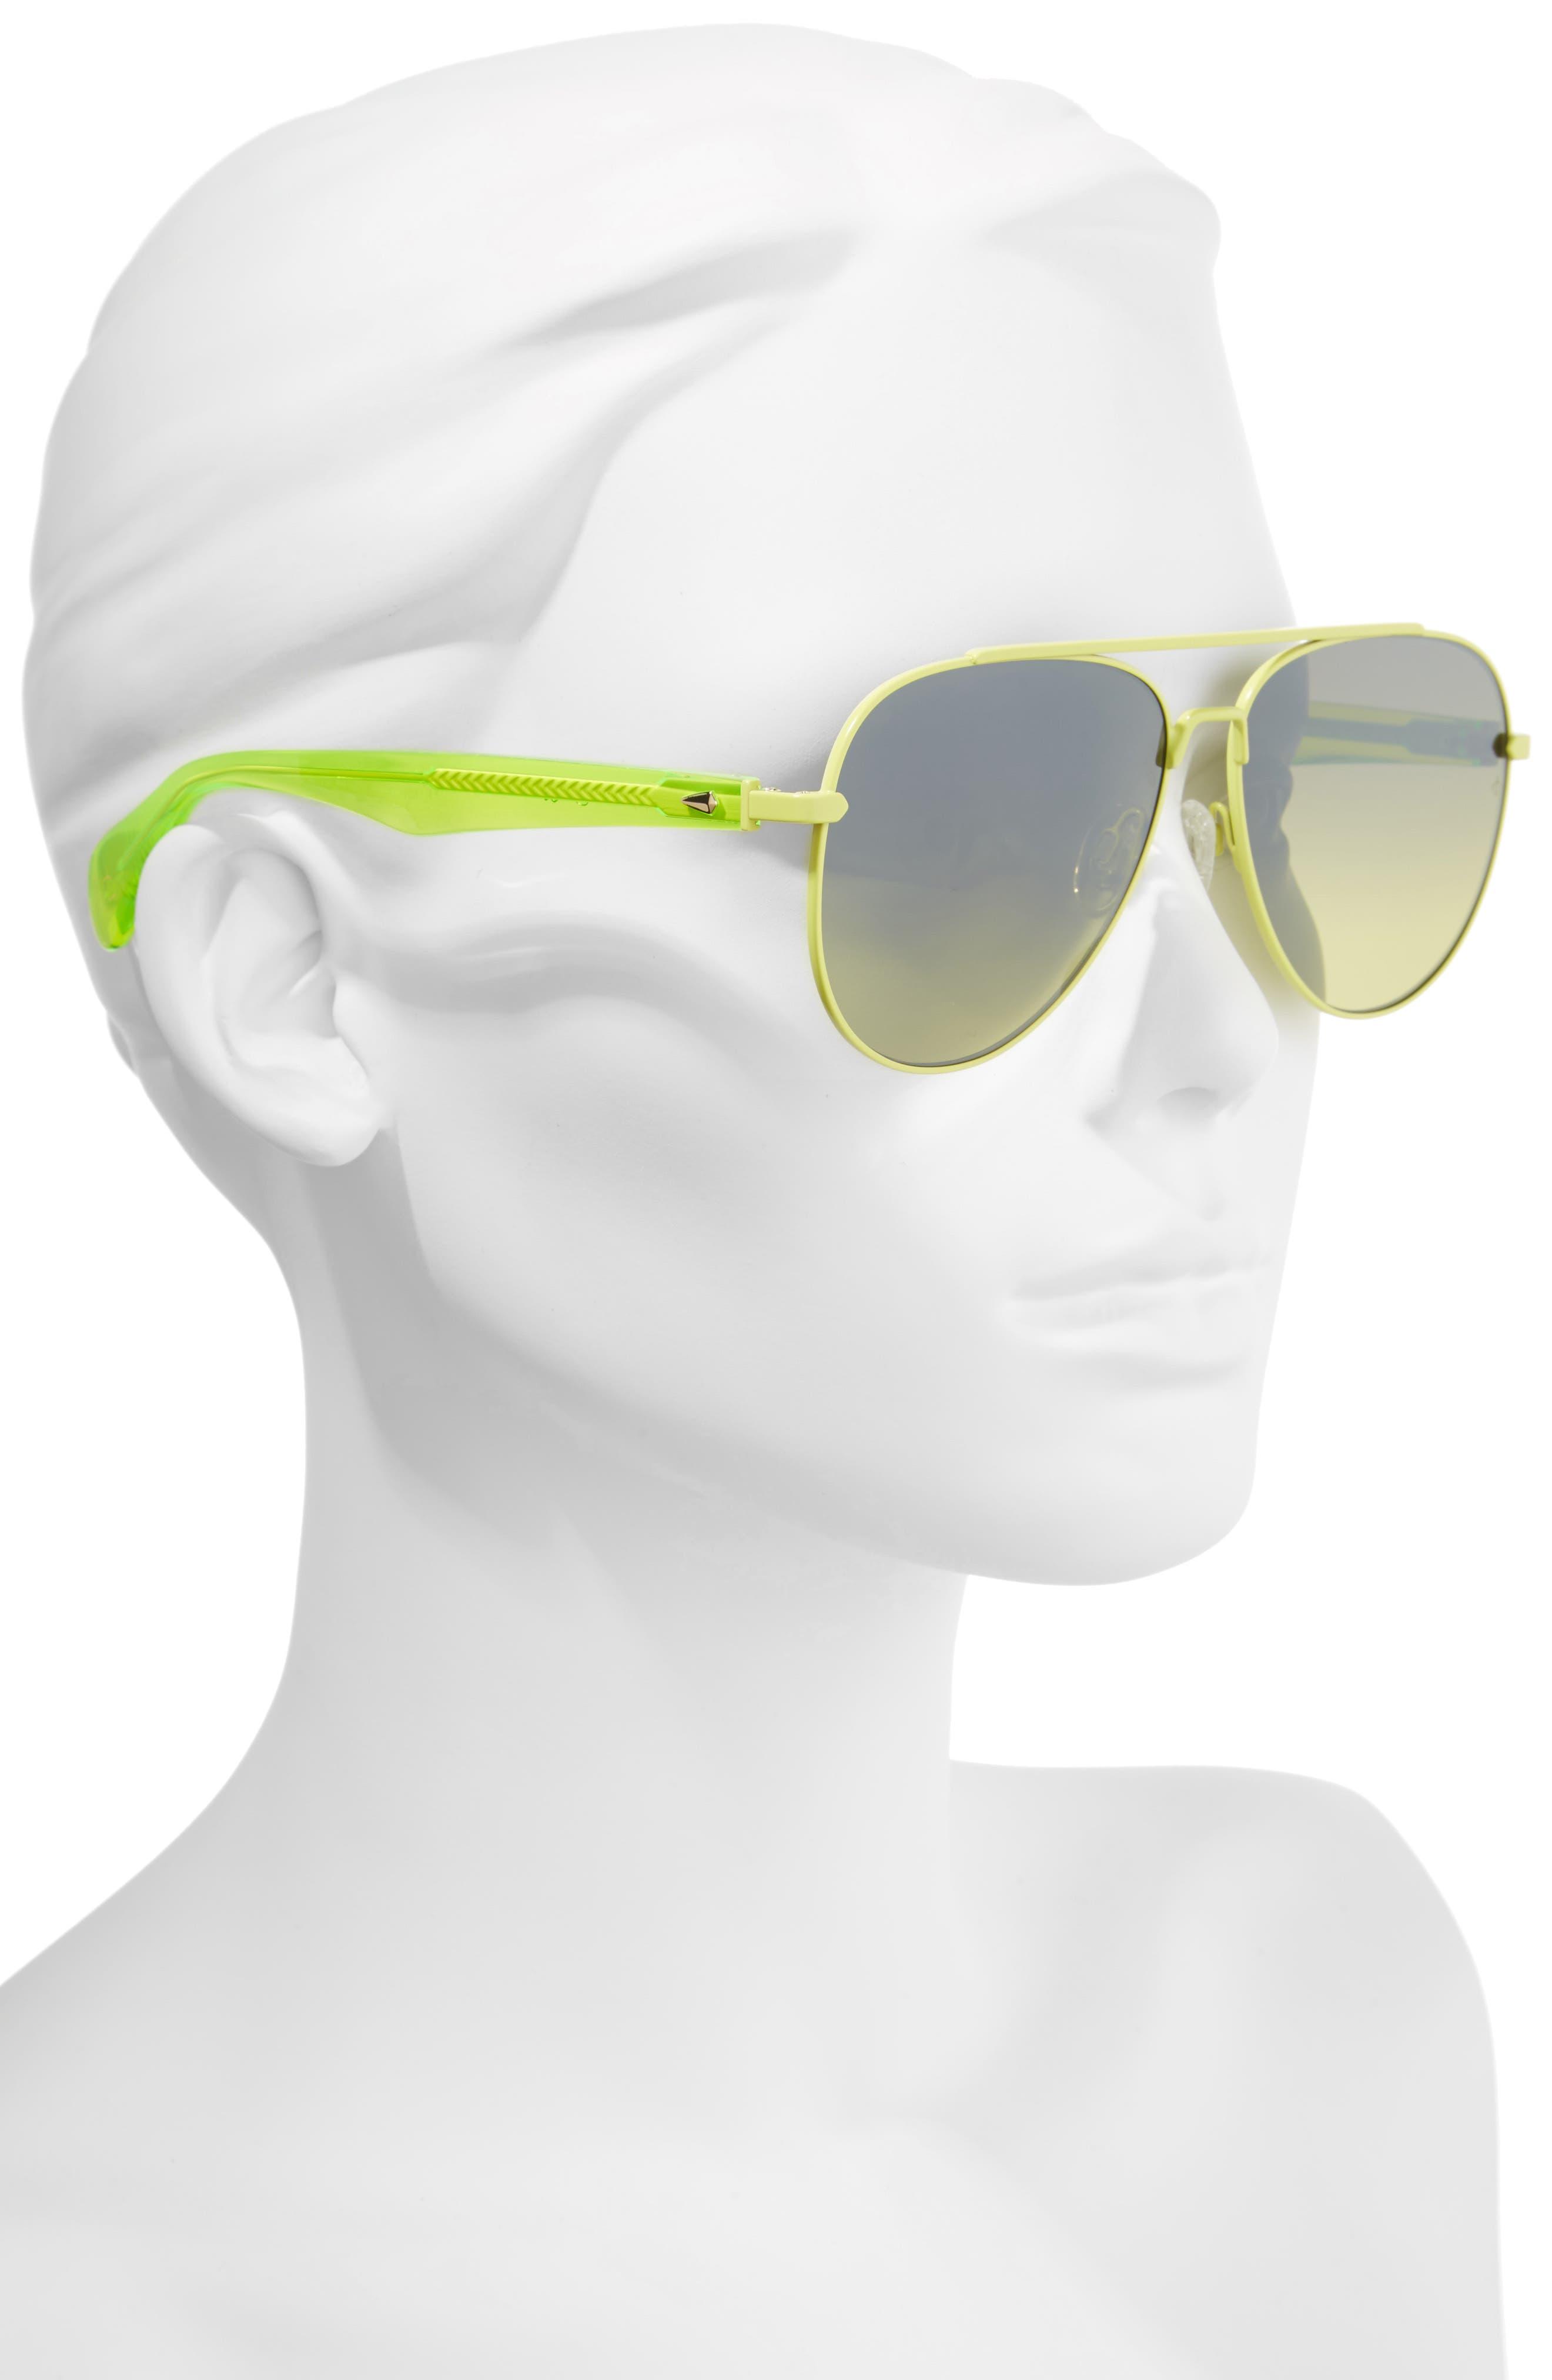 62mm Oversize Aviator Sunglasses,                             Alternate thumbnail 2, color,                             MATTE GREEN